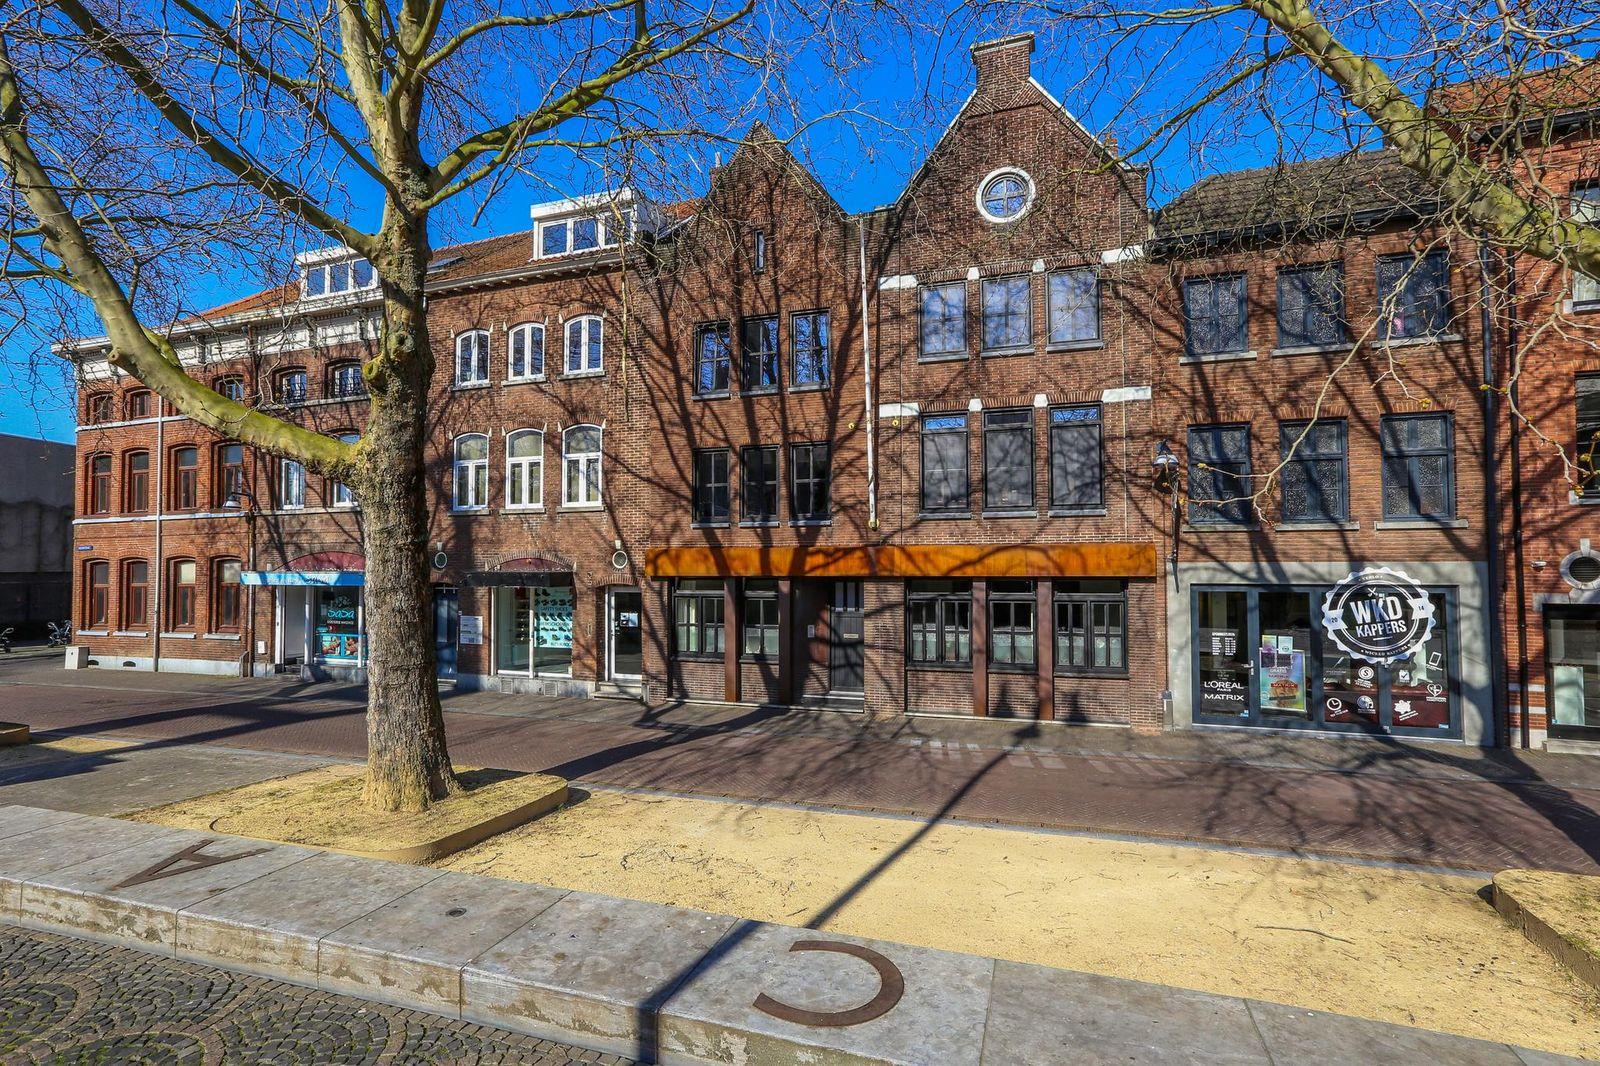 Nieuwstraat 58, Venlo